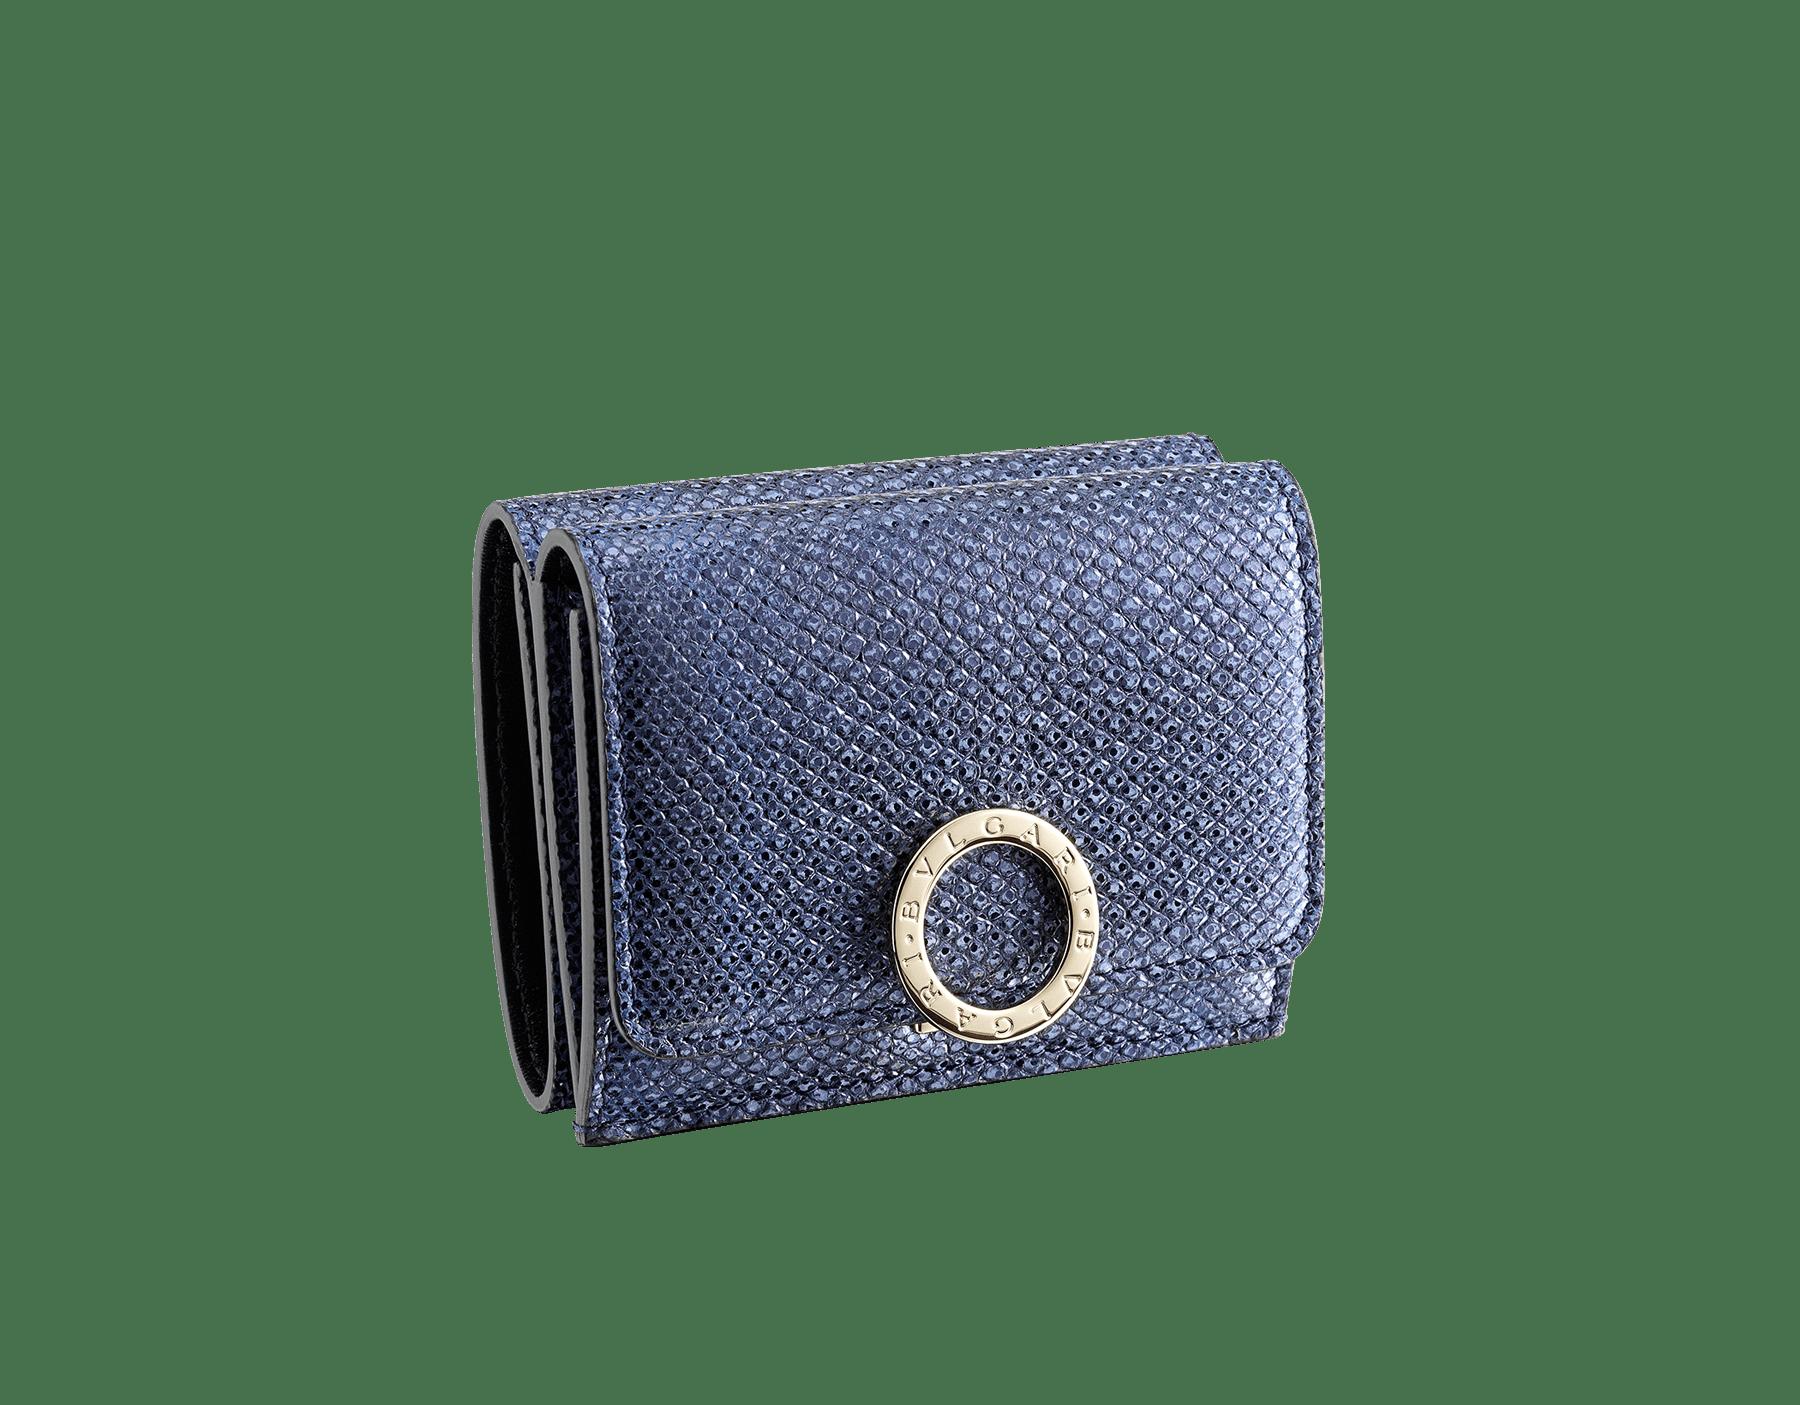 """Portafoglio compatto """"BVLGARI BVLGARI"""" in karung metallizzato blu Midnight Sapphire e nappa nera. Iconica chiusura a clip con logo in ottone placcato oro chiaro. 579-MINICOMPACT-K image 1"""